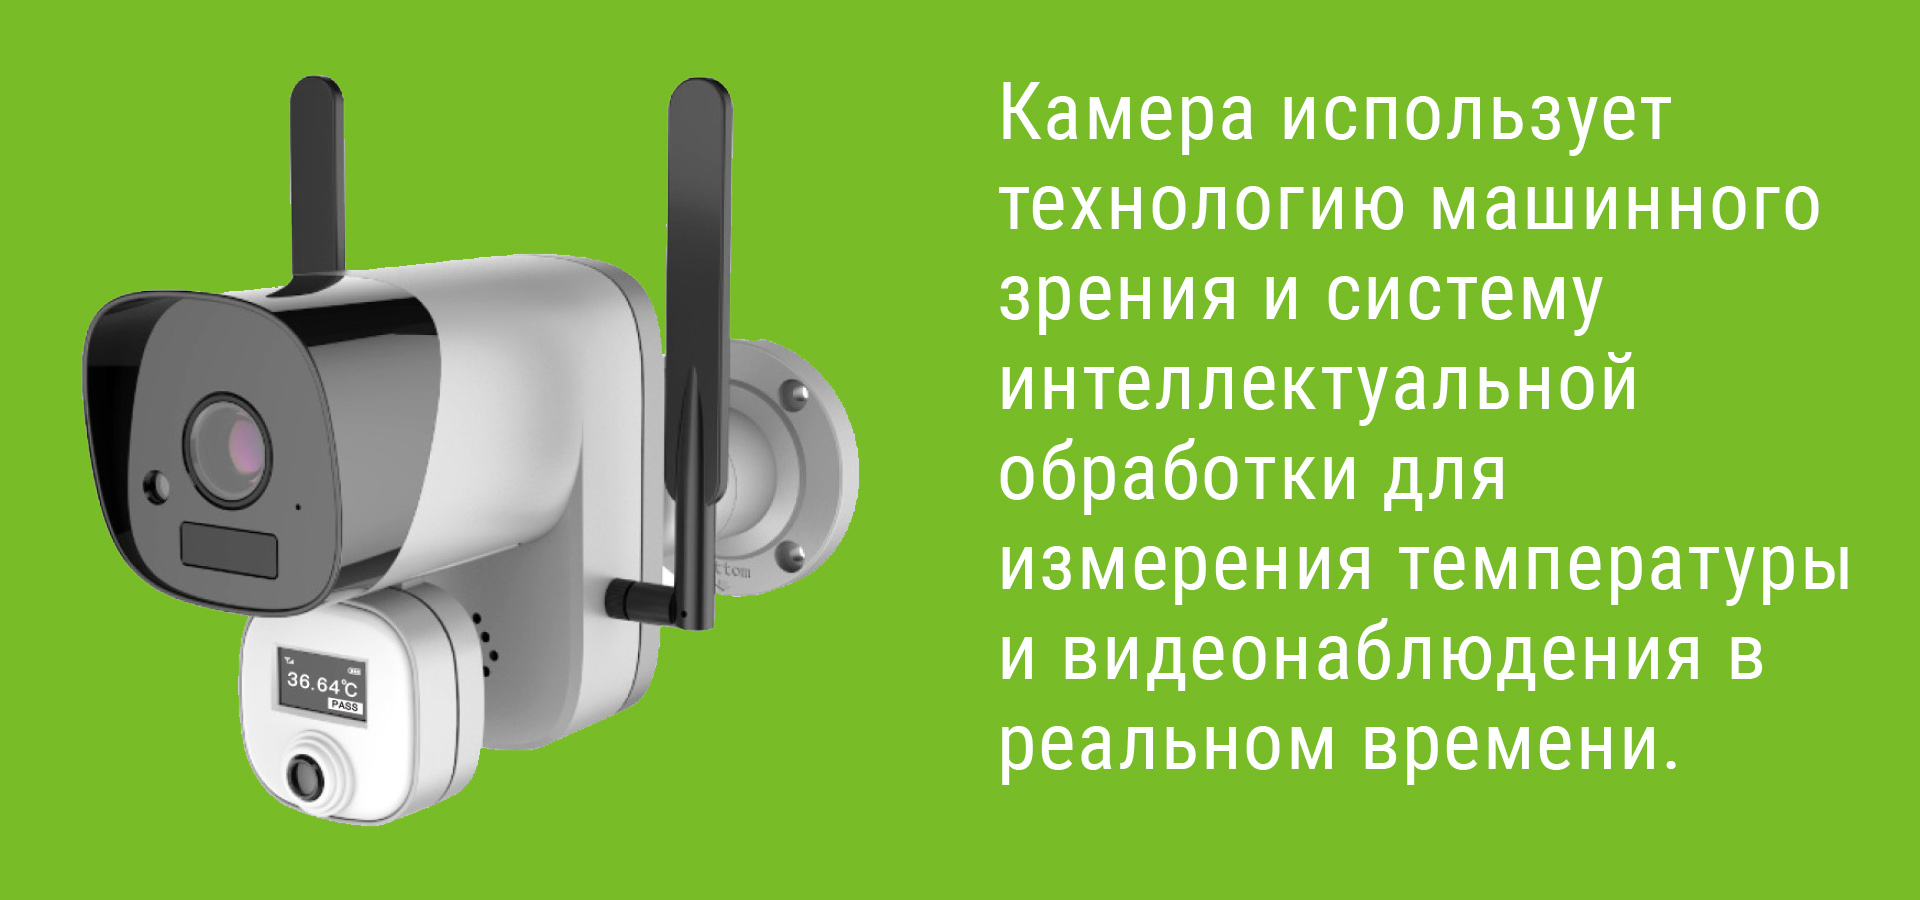 Новая Wi-Fi камера для измерения температуры тела